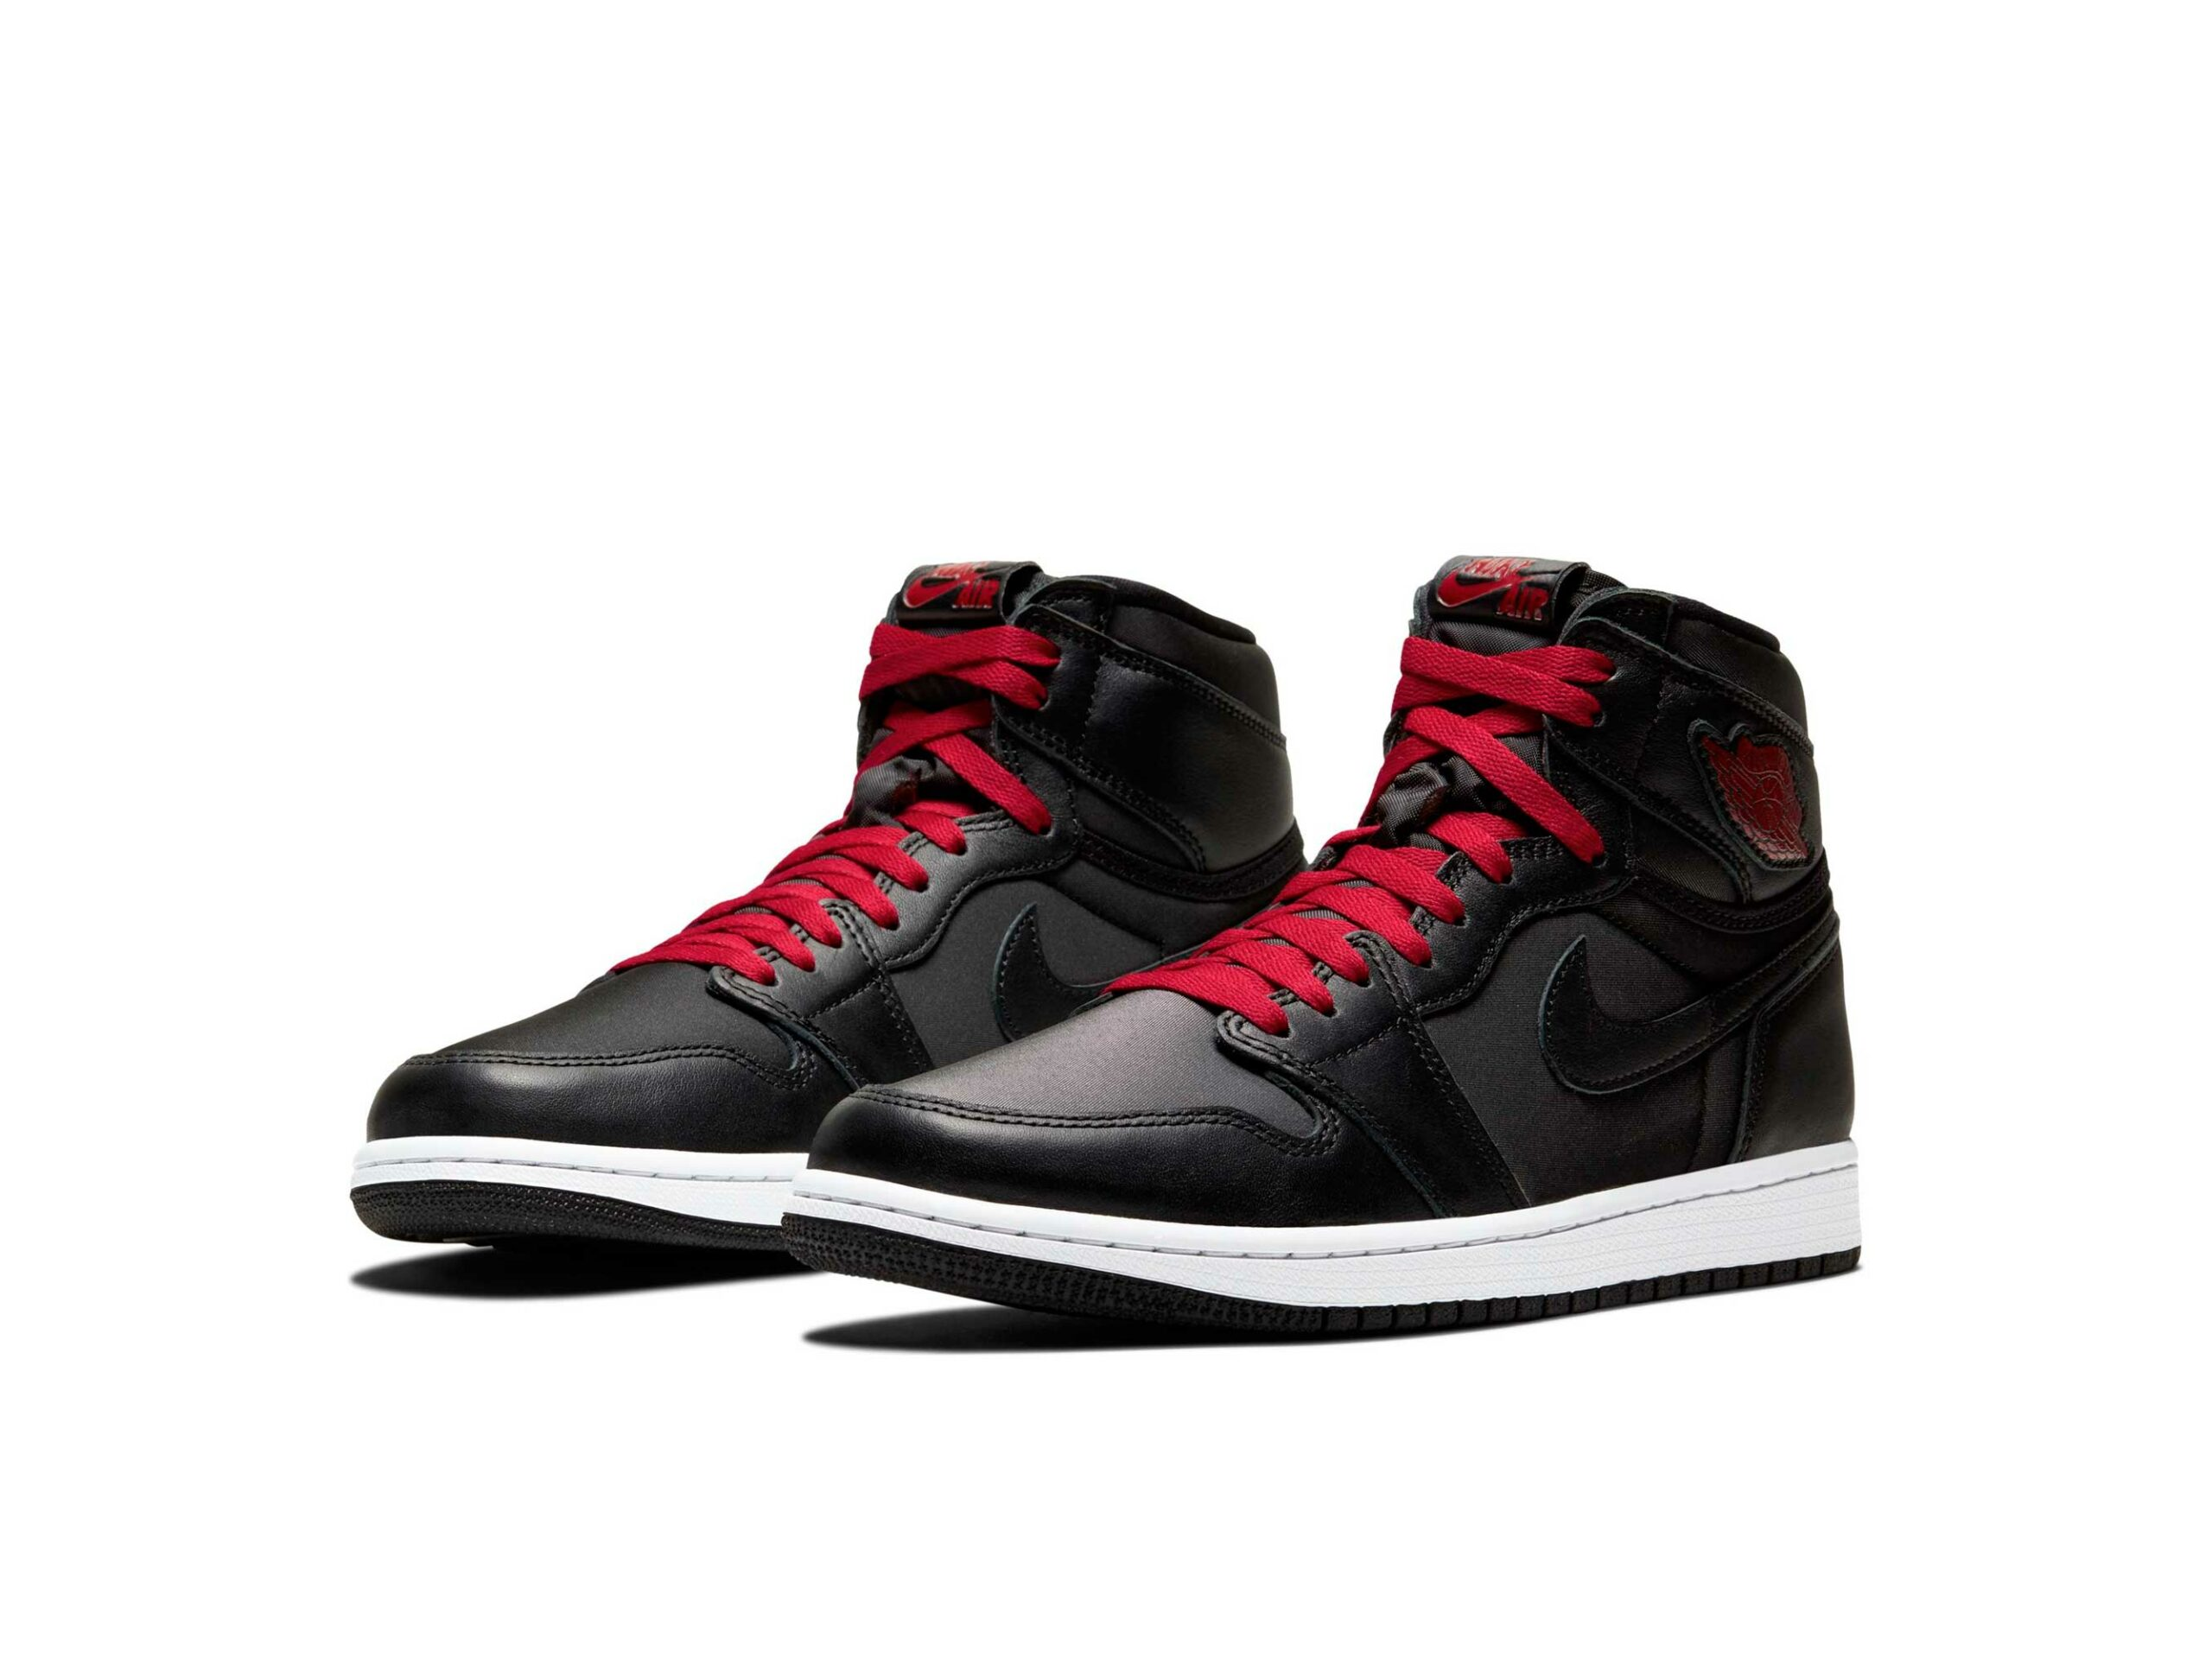 nike air Jordan 1 high og black red 555088_060 купить